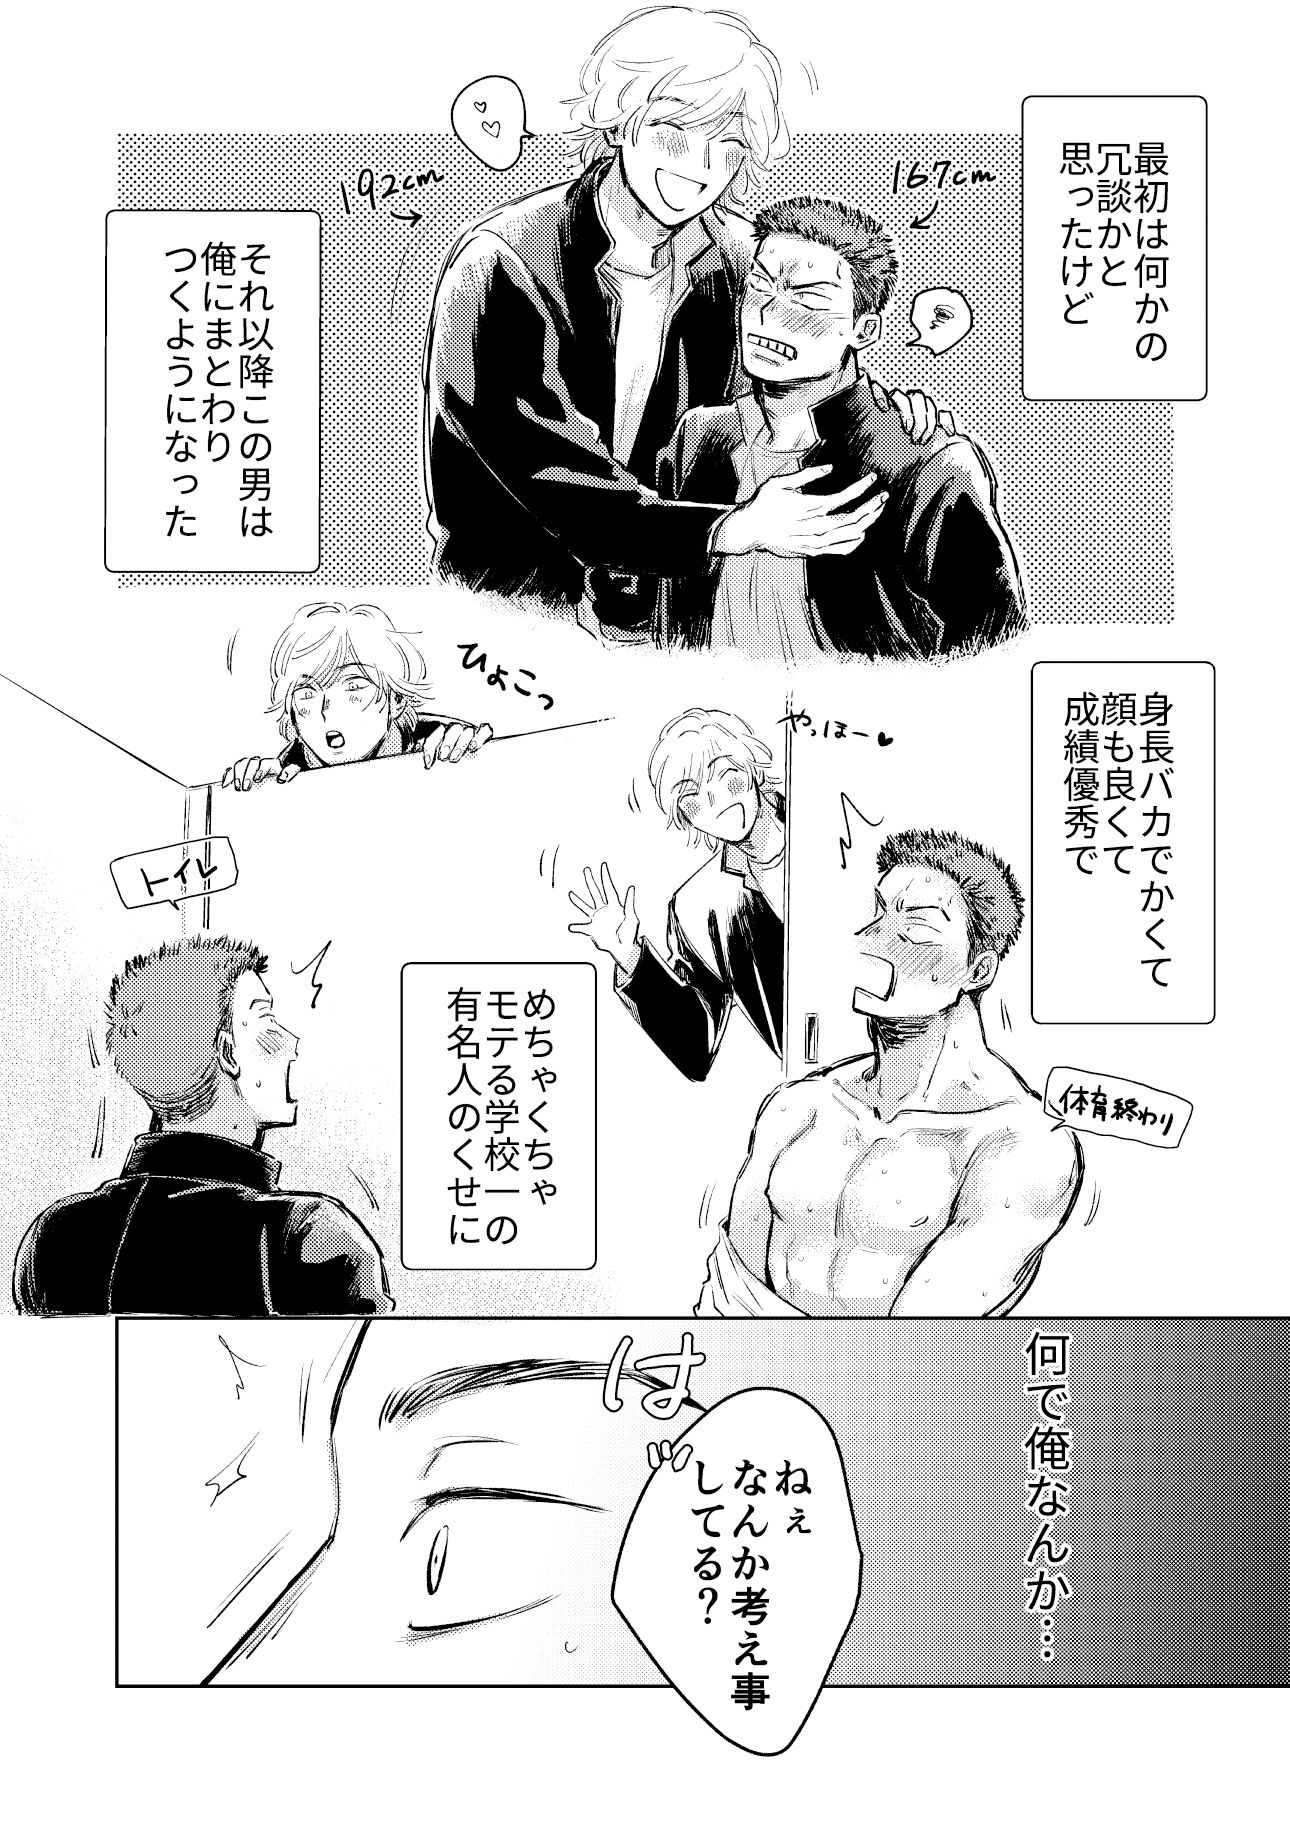 オナ猿DT たいら君!〜俺がイケメン生徒会長に好かれるなんてありえない!?〜